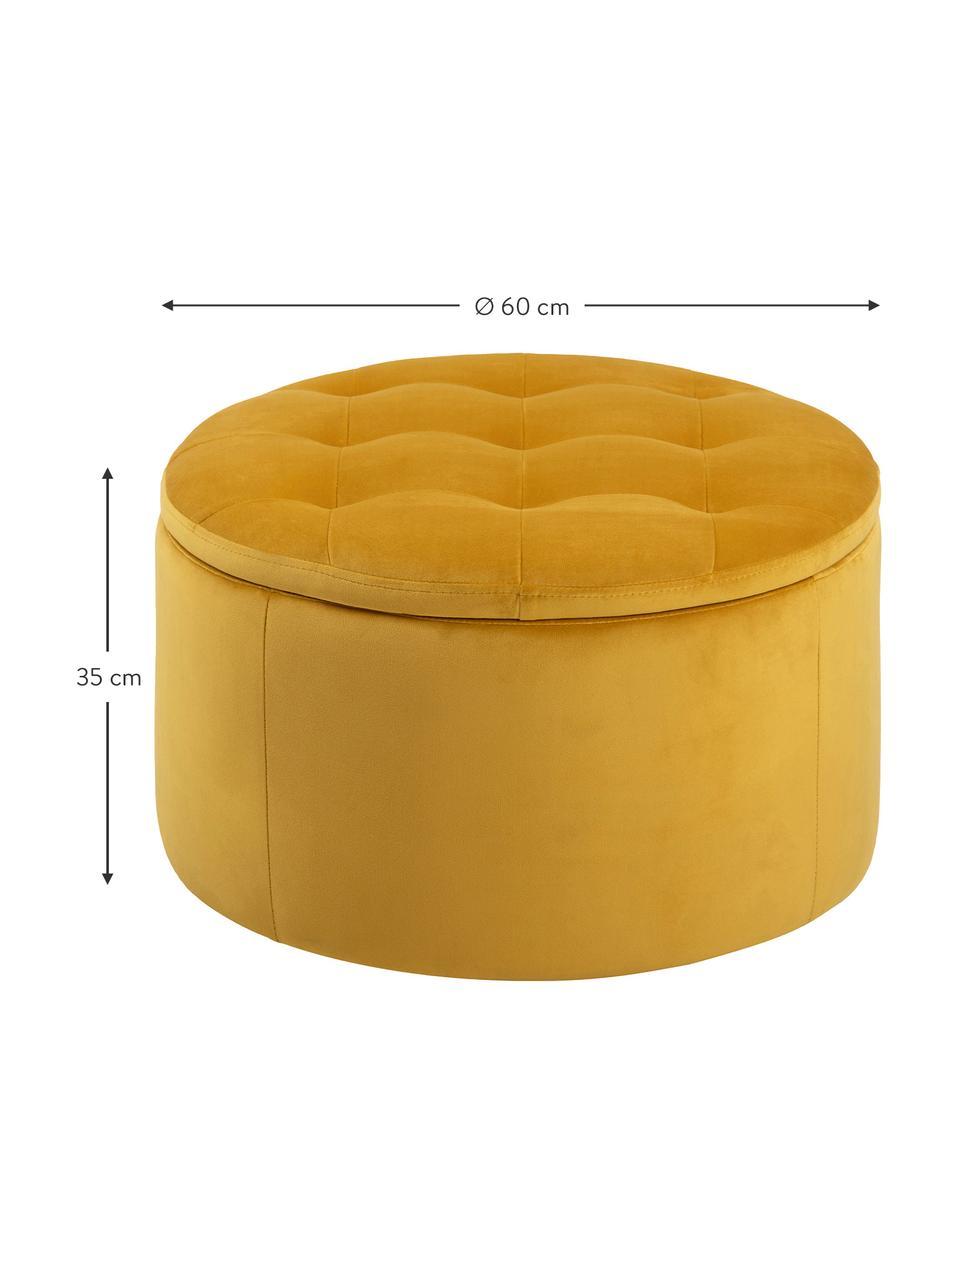 Samt-Hocker Retina mit Stauraum in Gelb, Bezug: Polyestersamt 25.000 Sche, Gestell: Kunststoff, Gelb, Ø 60 x H 35 cm